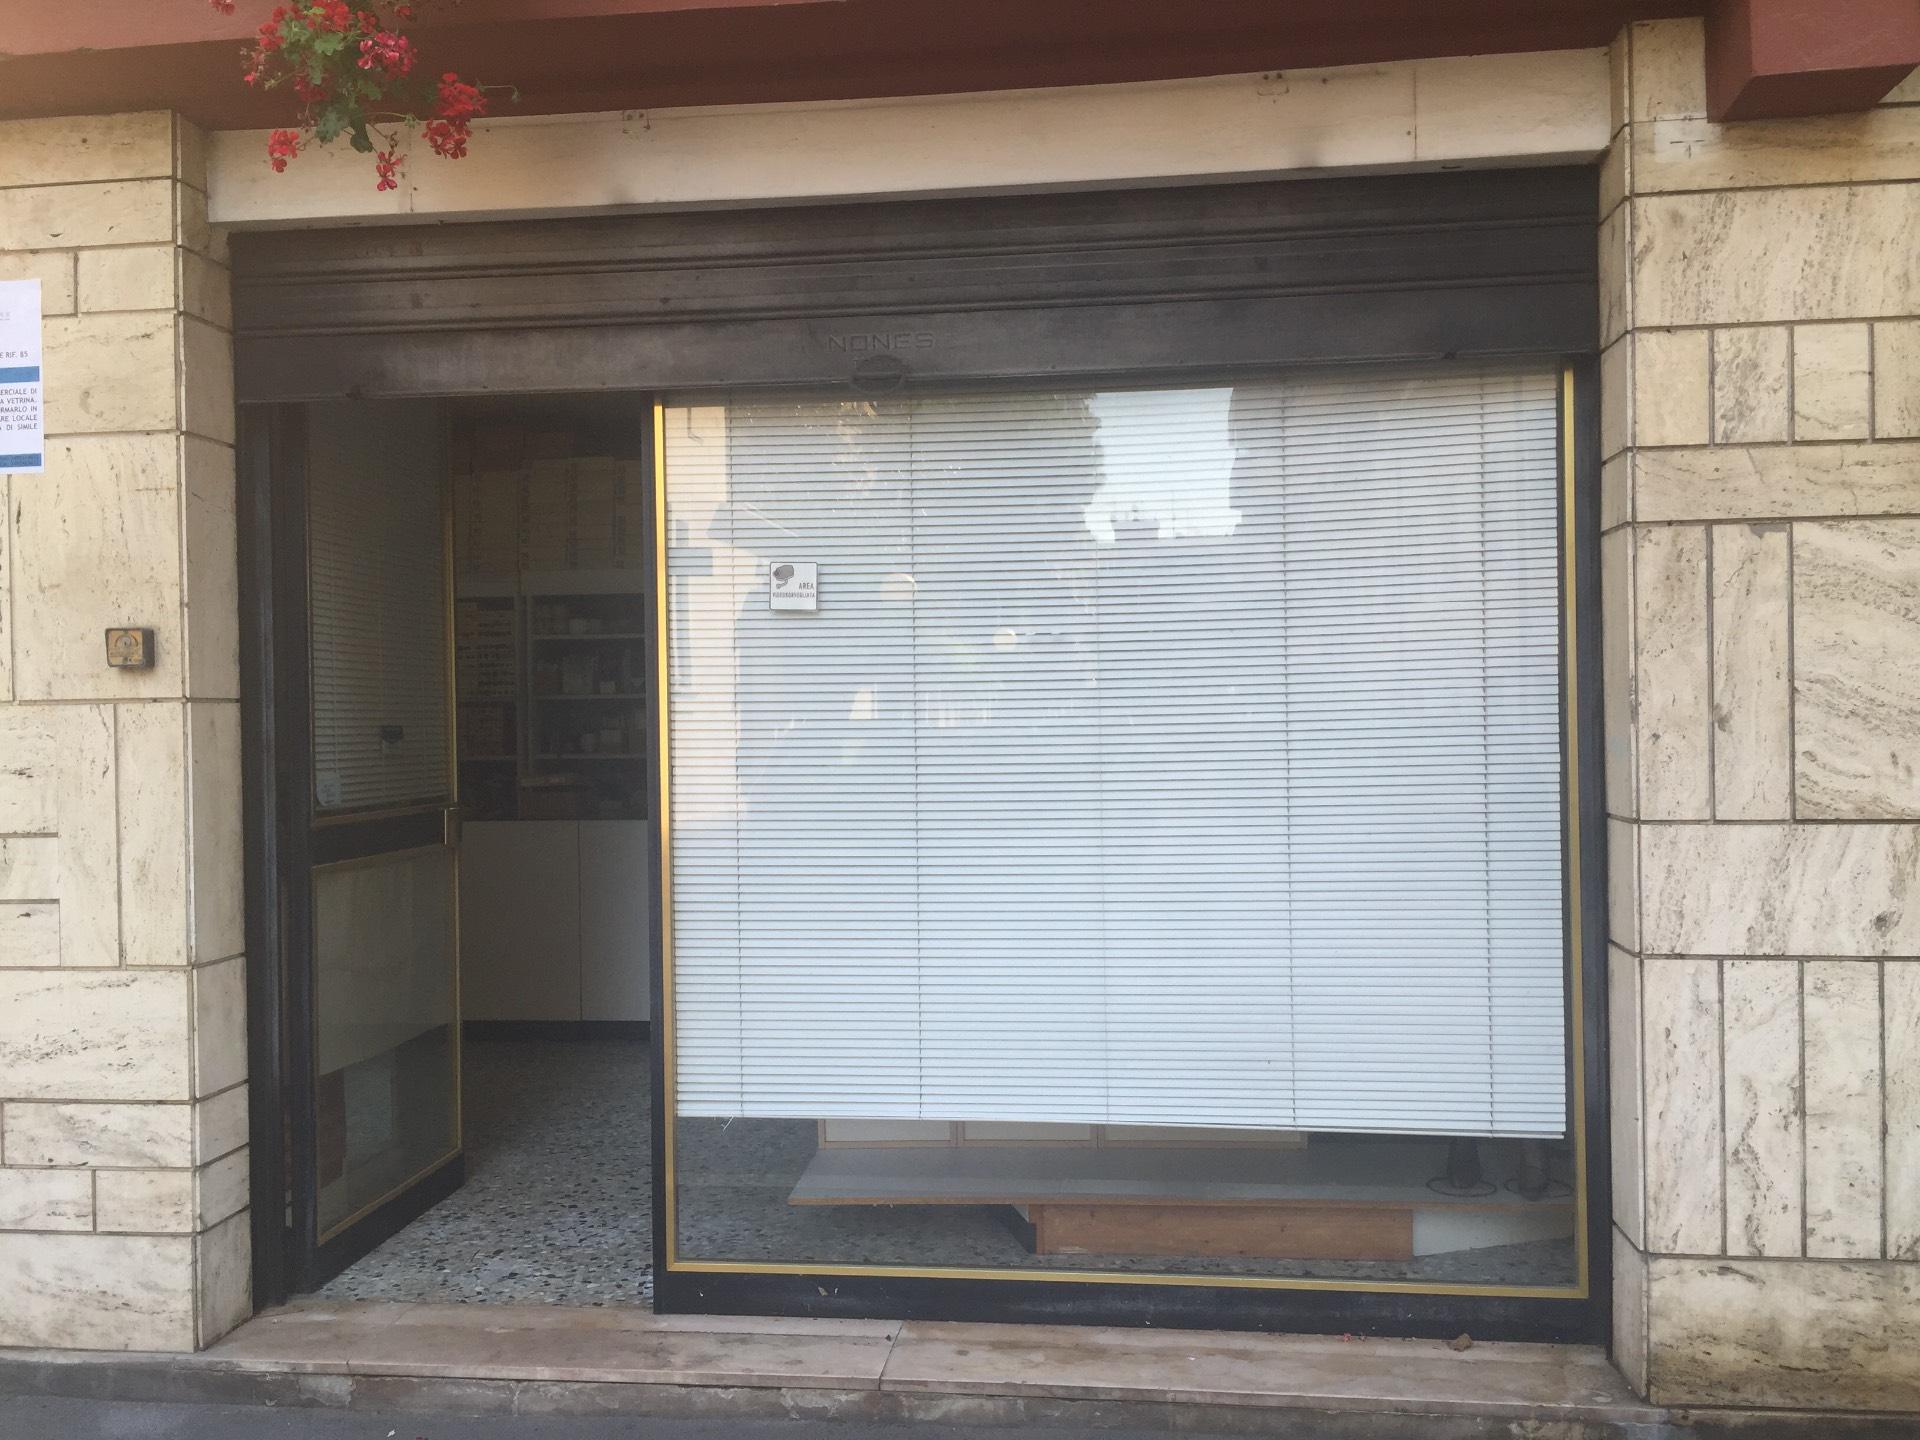 Negozio / Locale in vendita a Pescara, 9999 locali, zona Zona: Centro, prezzo € 65.000 | CambioCasa.it